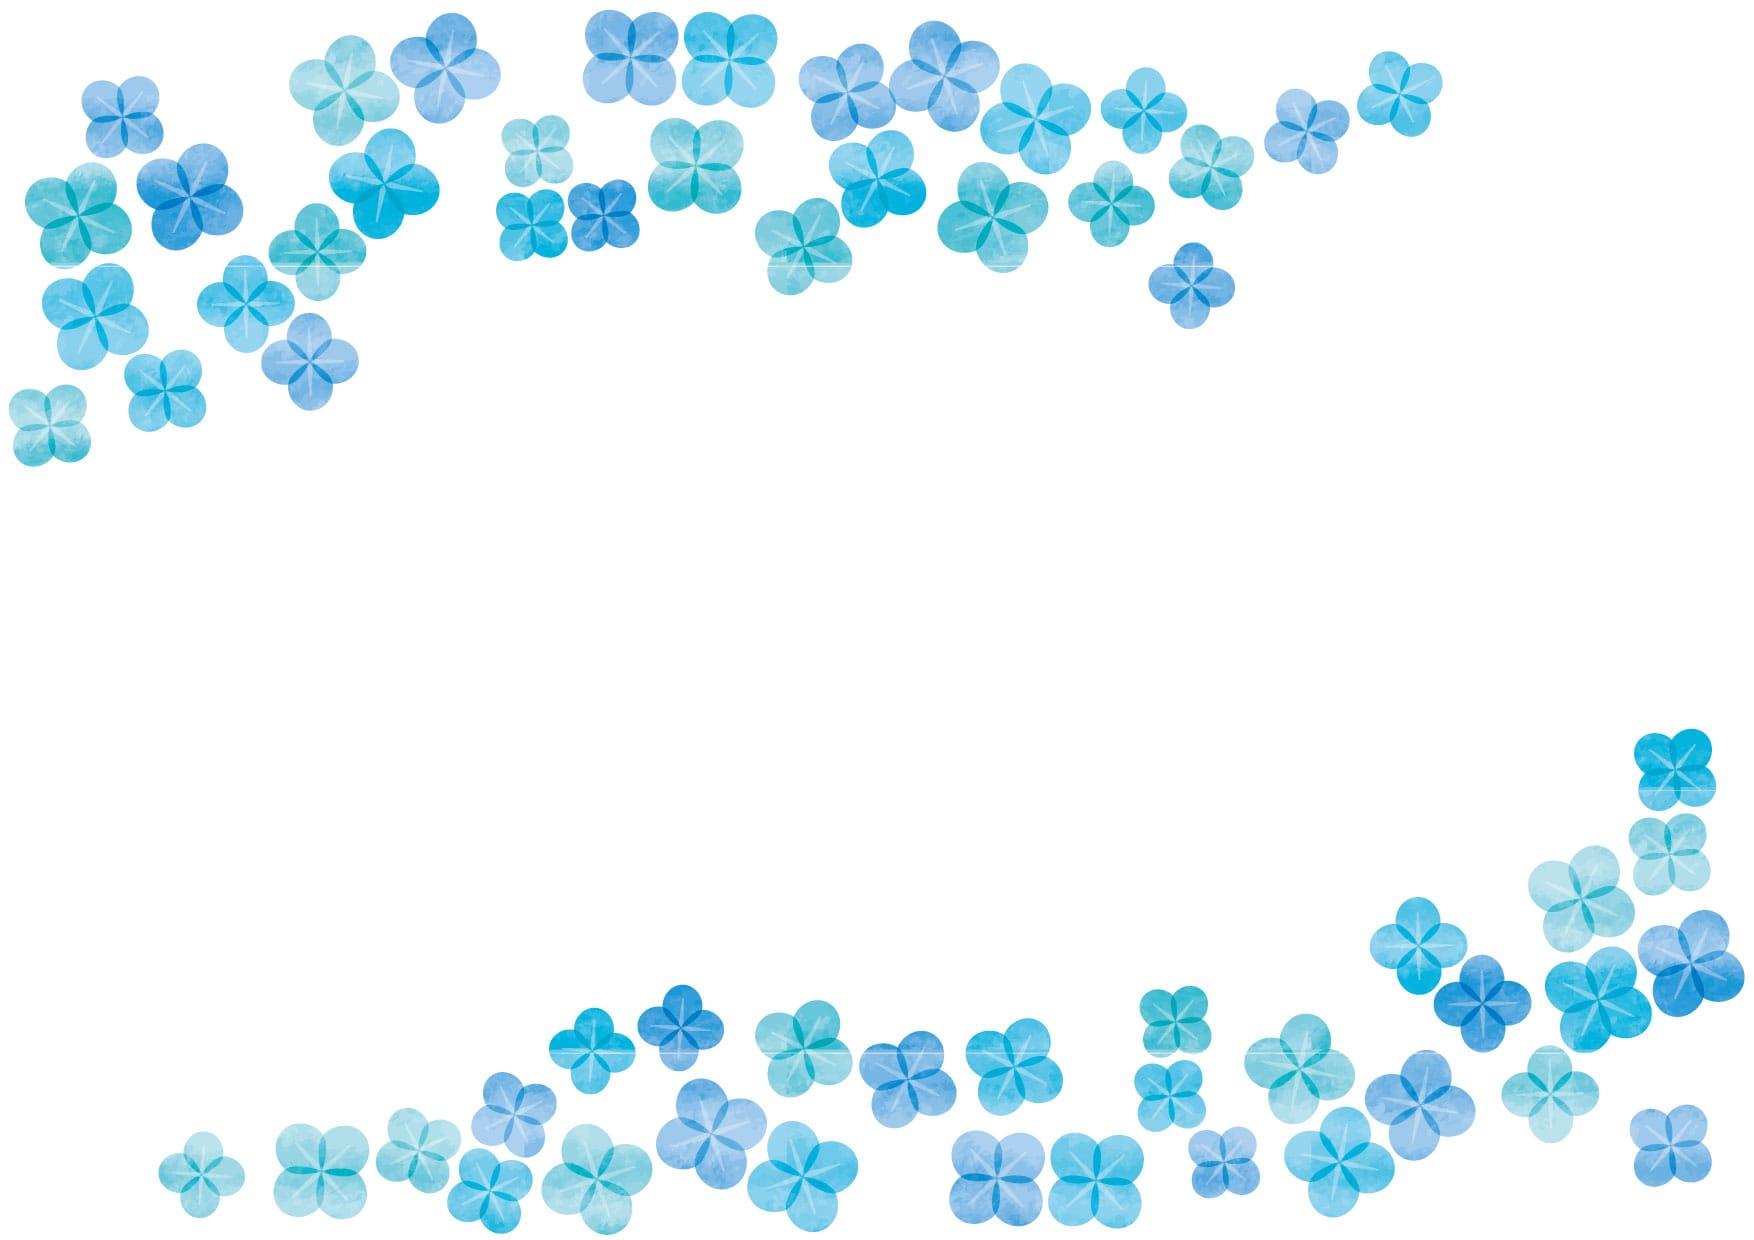 可愛いイラスト無料|あじさい 青色 水彩 背景 − free illustration  Hydrangea blue watercolor background